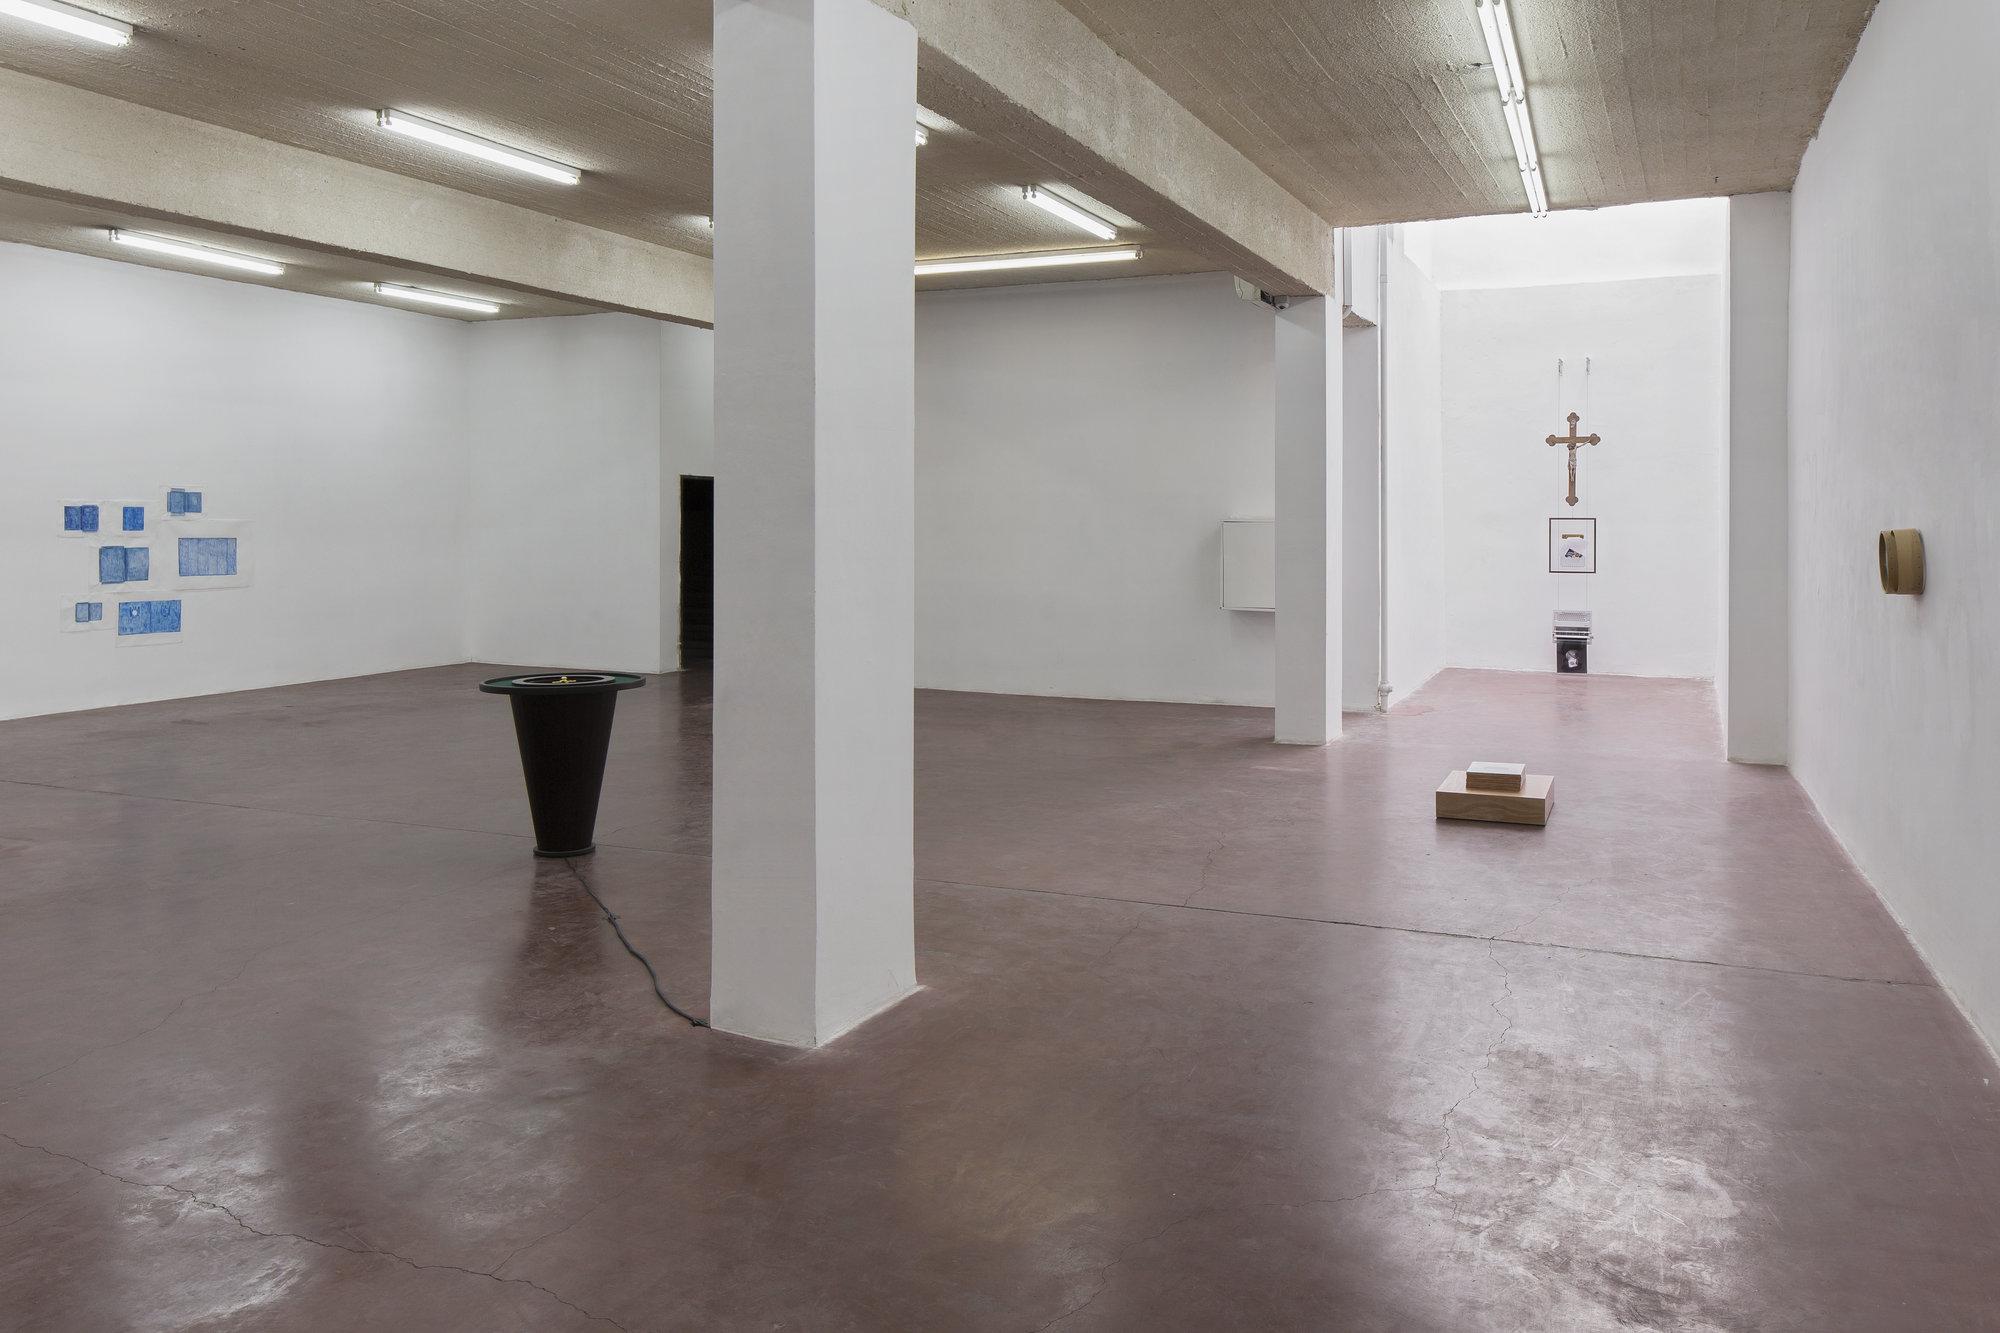 Shibboleth, 2015, Exhibition View, Floor -2